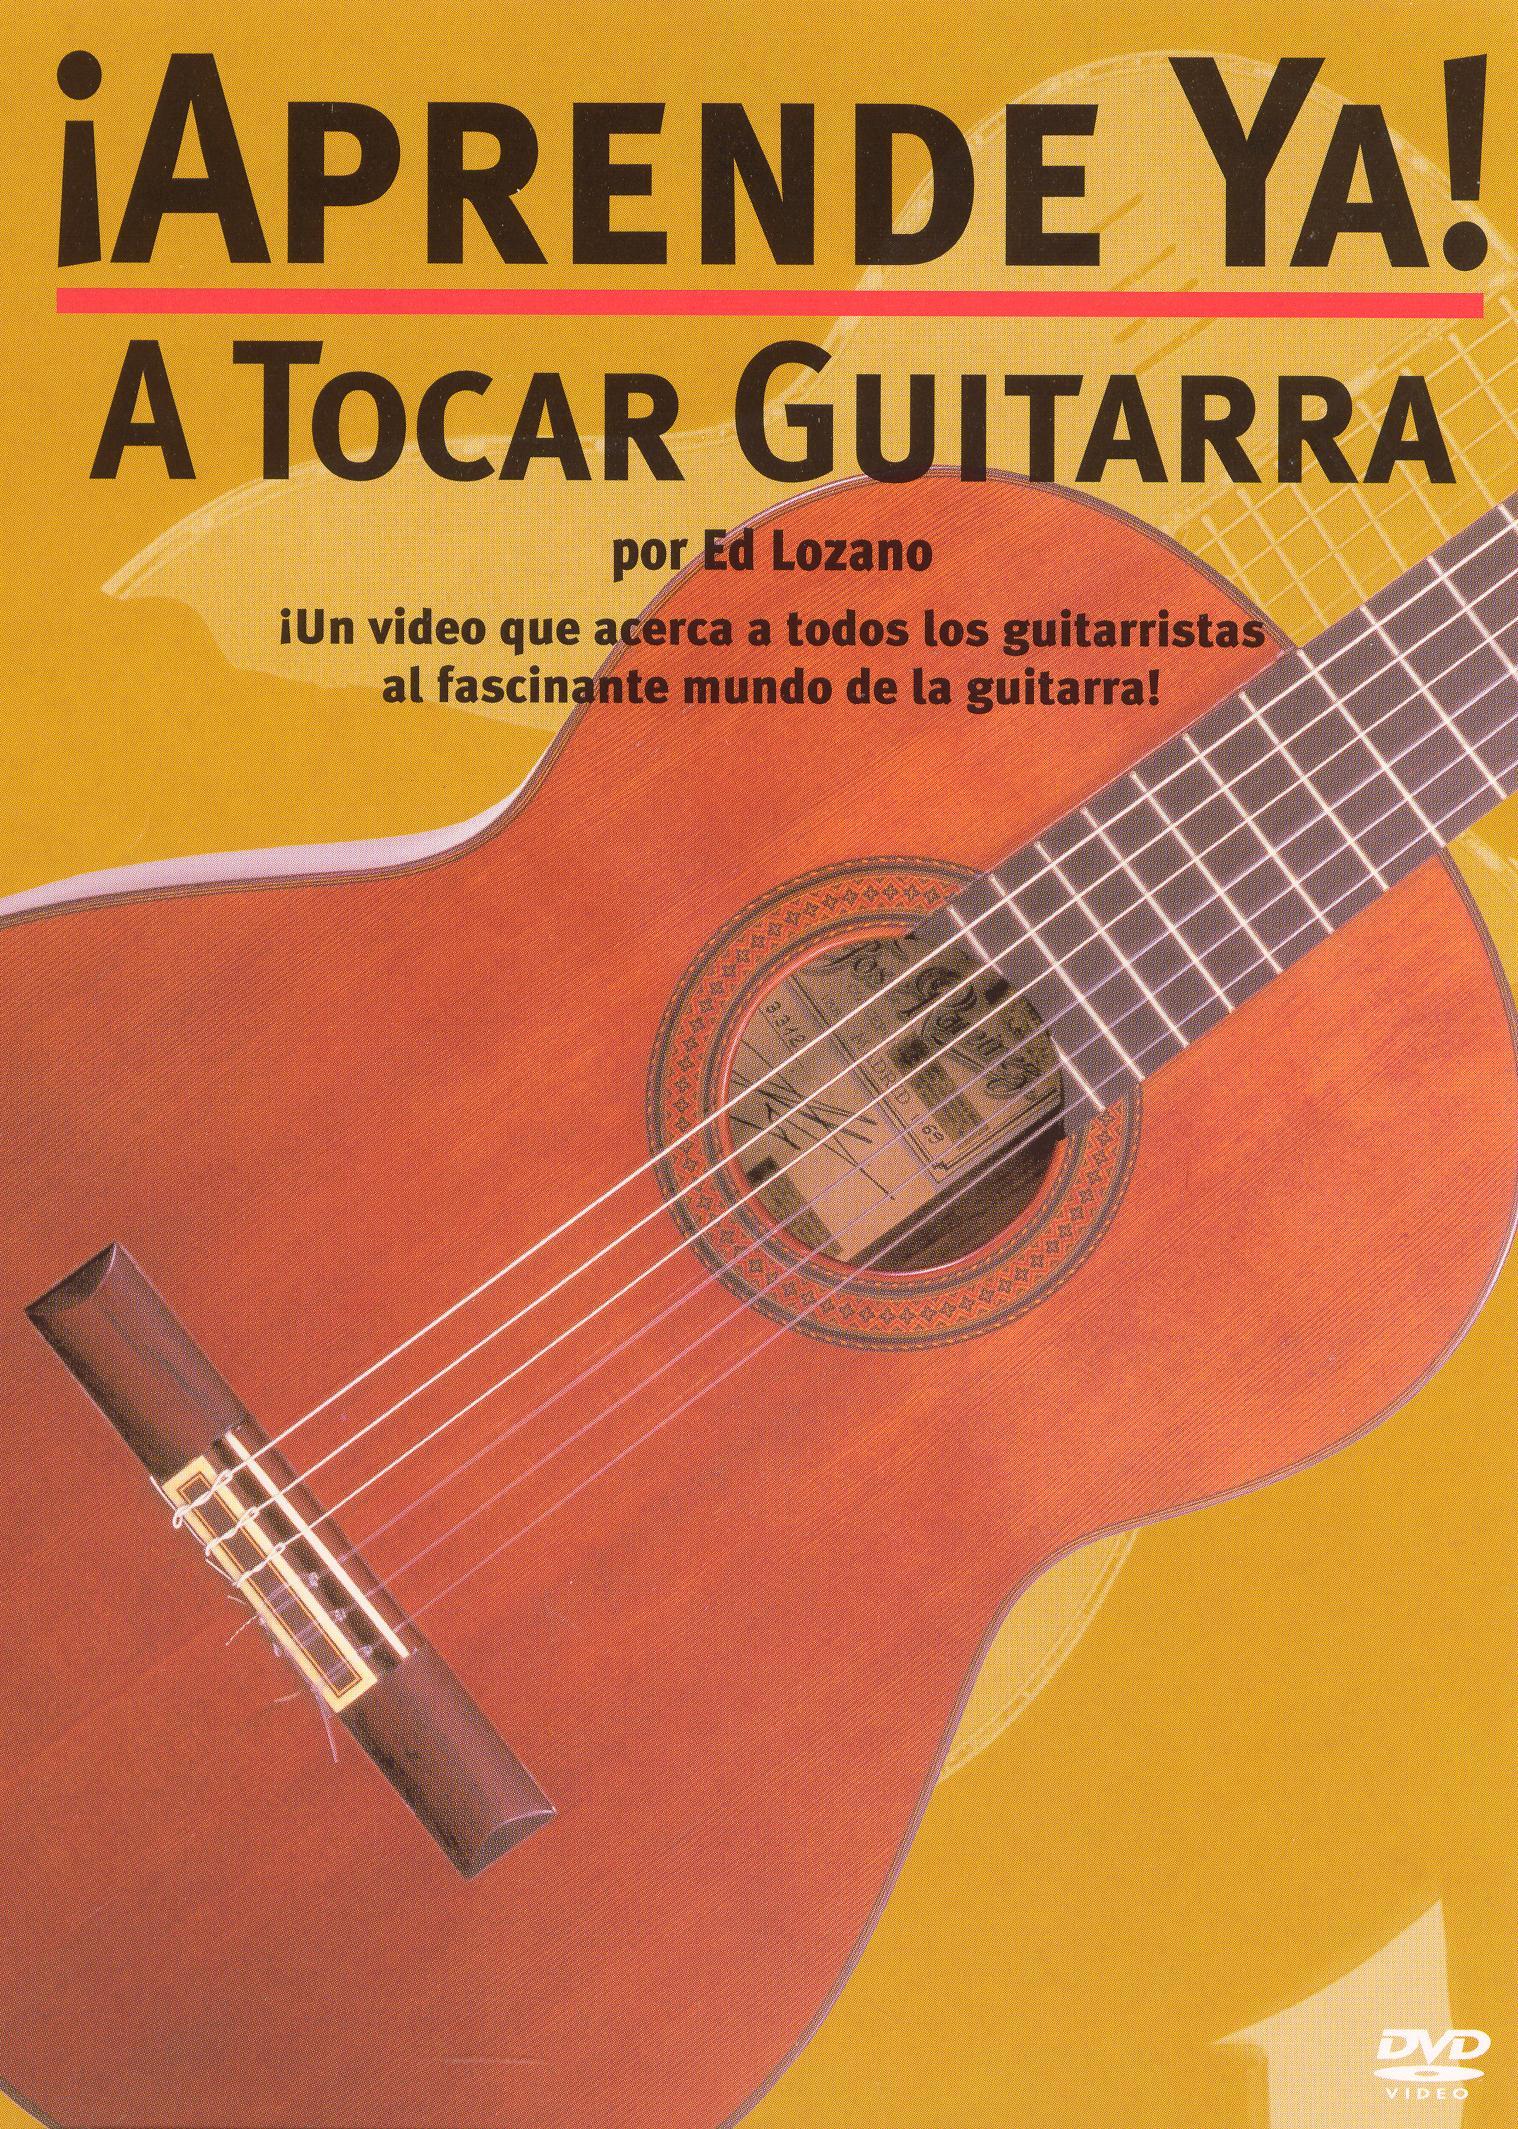 ¡Aprende Ya! A Tocar Guitarra